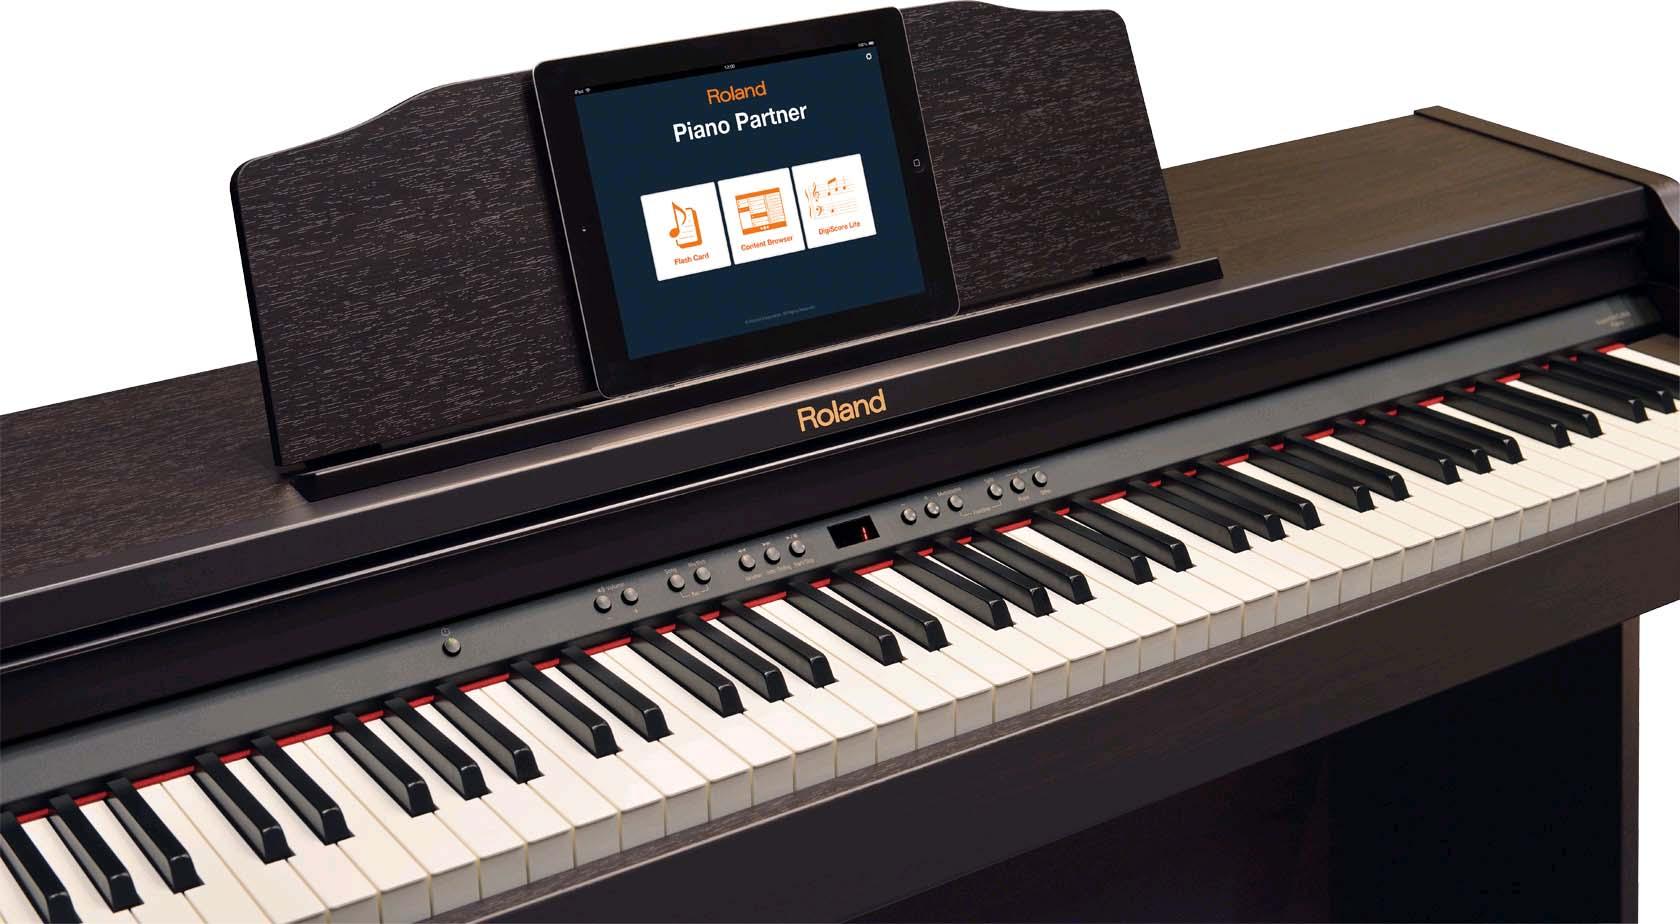 rp401r rw piano roland con accompagnamenti finitura. Black Bedroom Furniture Sets. Home Design Ideas